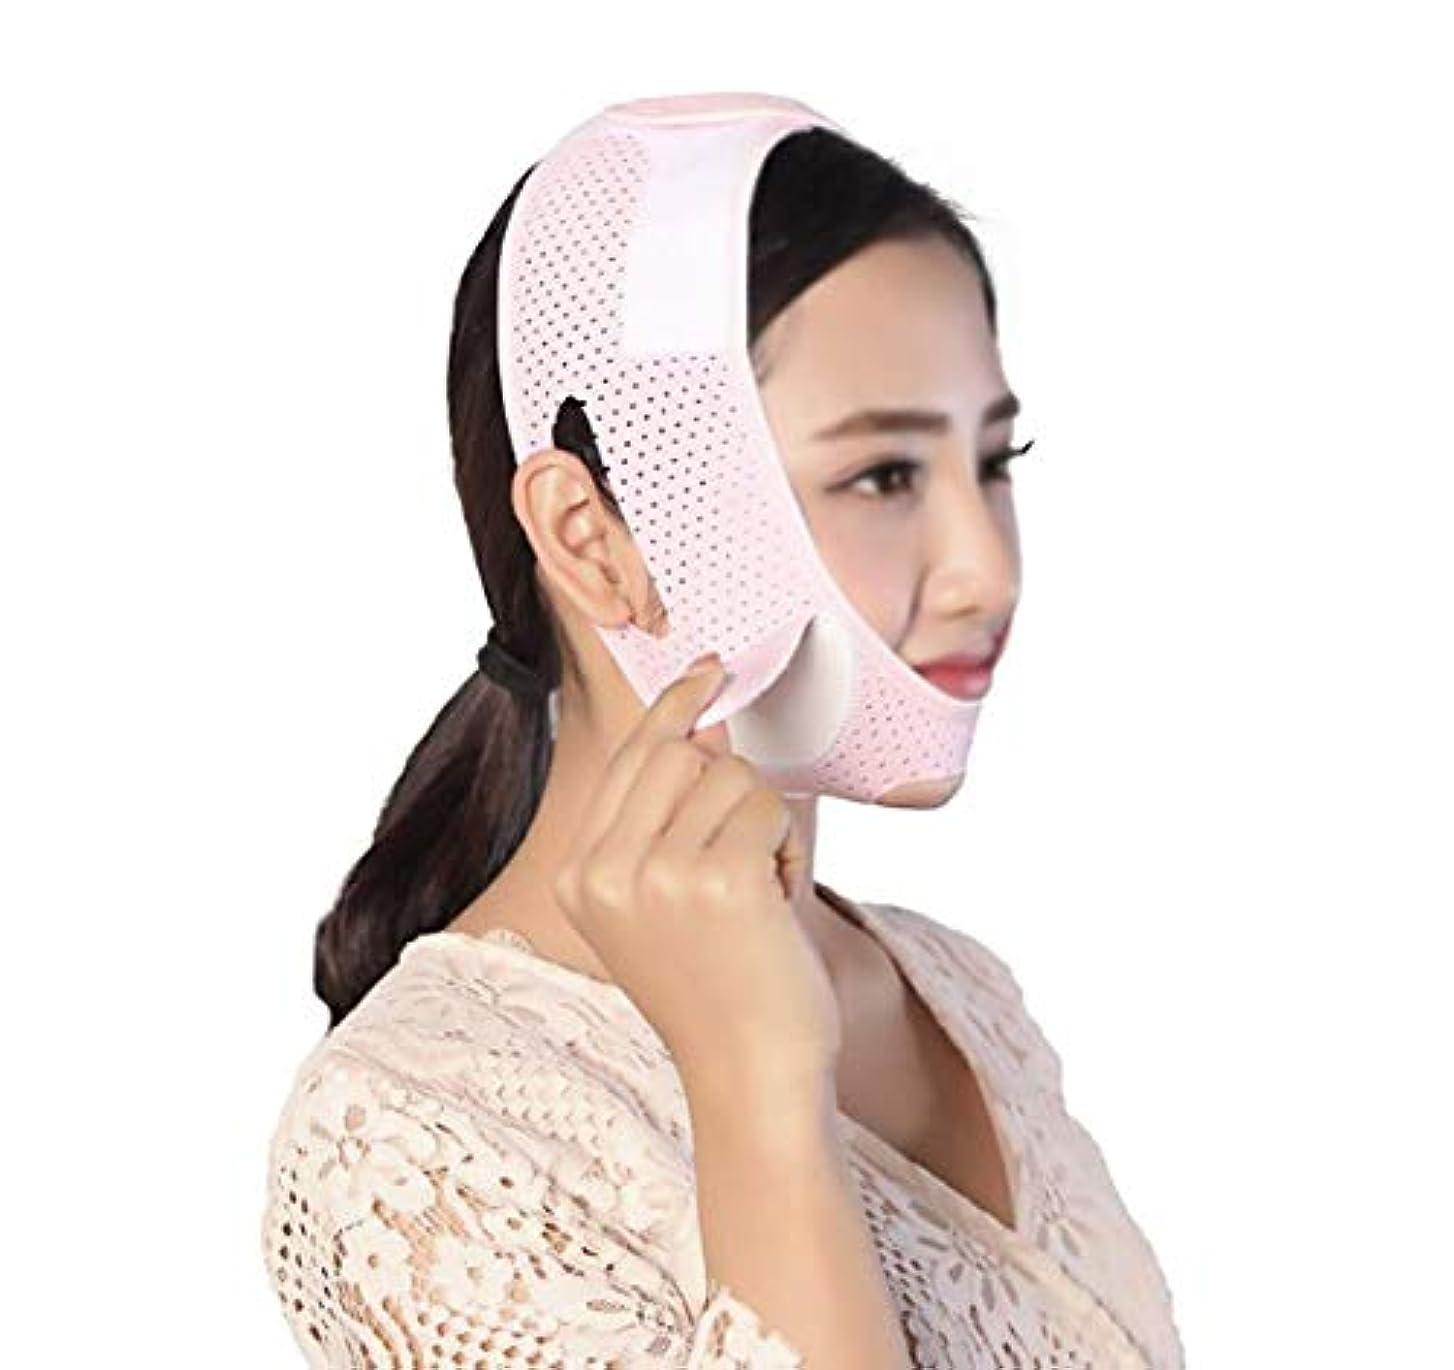 困惑適合するアルプス顔と首を持ち上げる術後弾性セットVフェイスマスクは、チンV顔アーティファクト回復サポートベルトの収縮の調整を強化します。